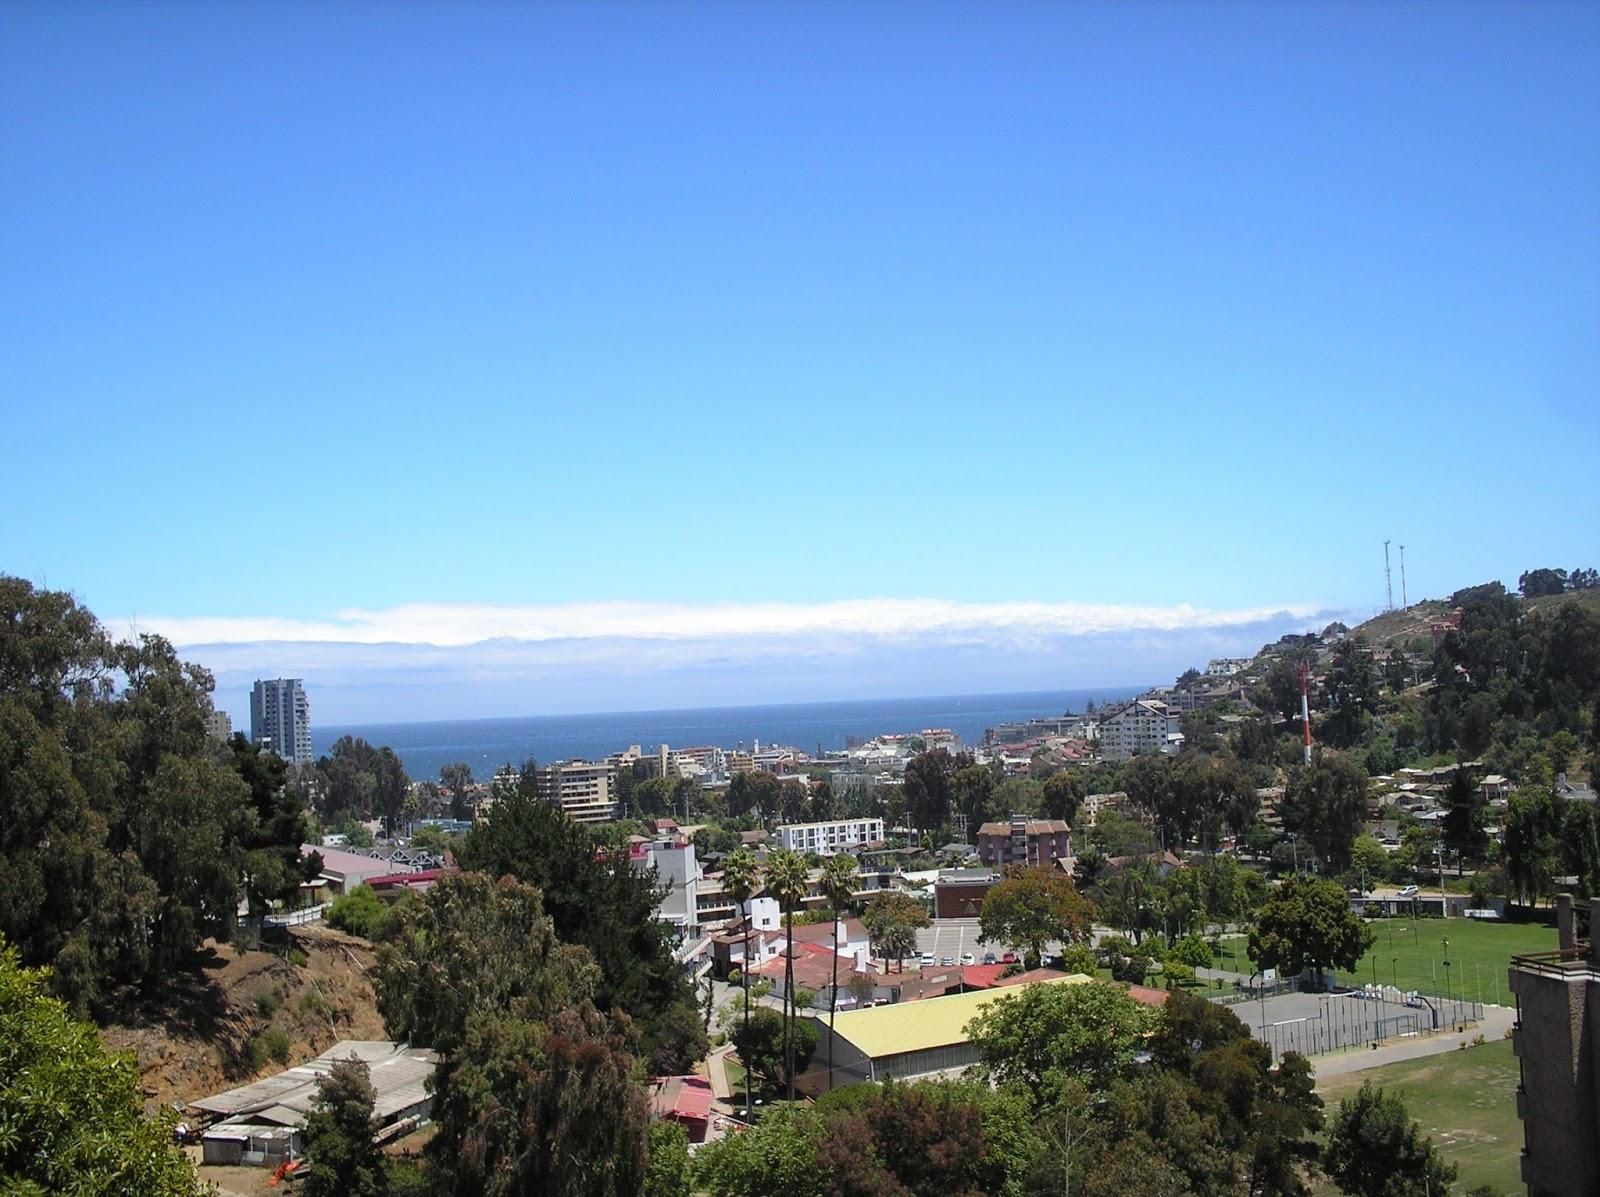 Compra  Venta  Arriendos Valparaiso Via del Mar